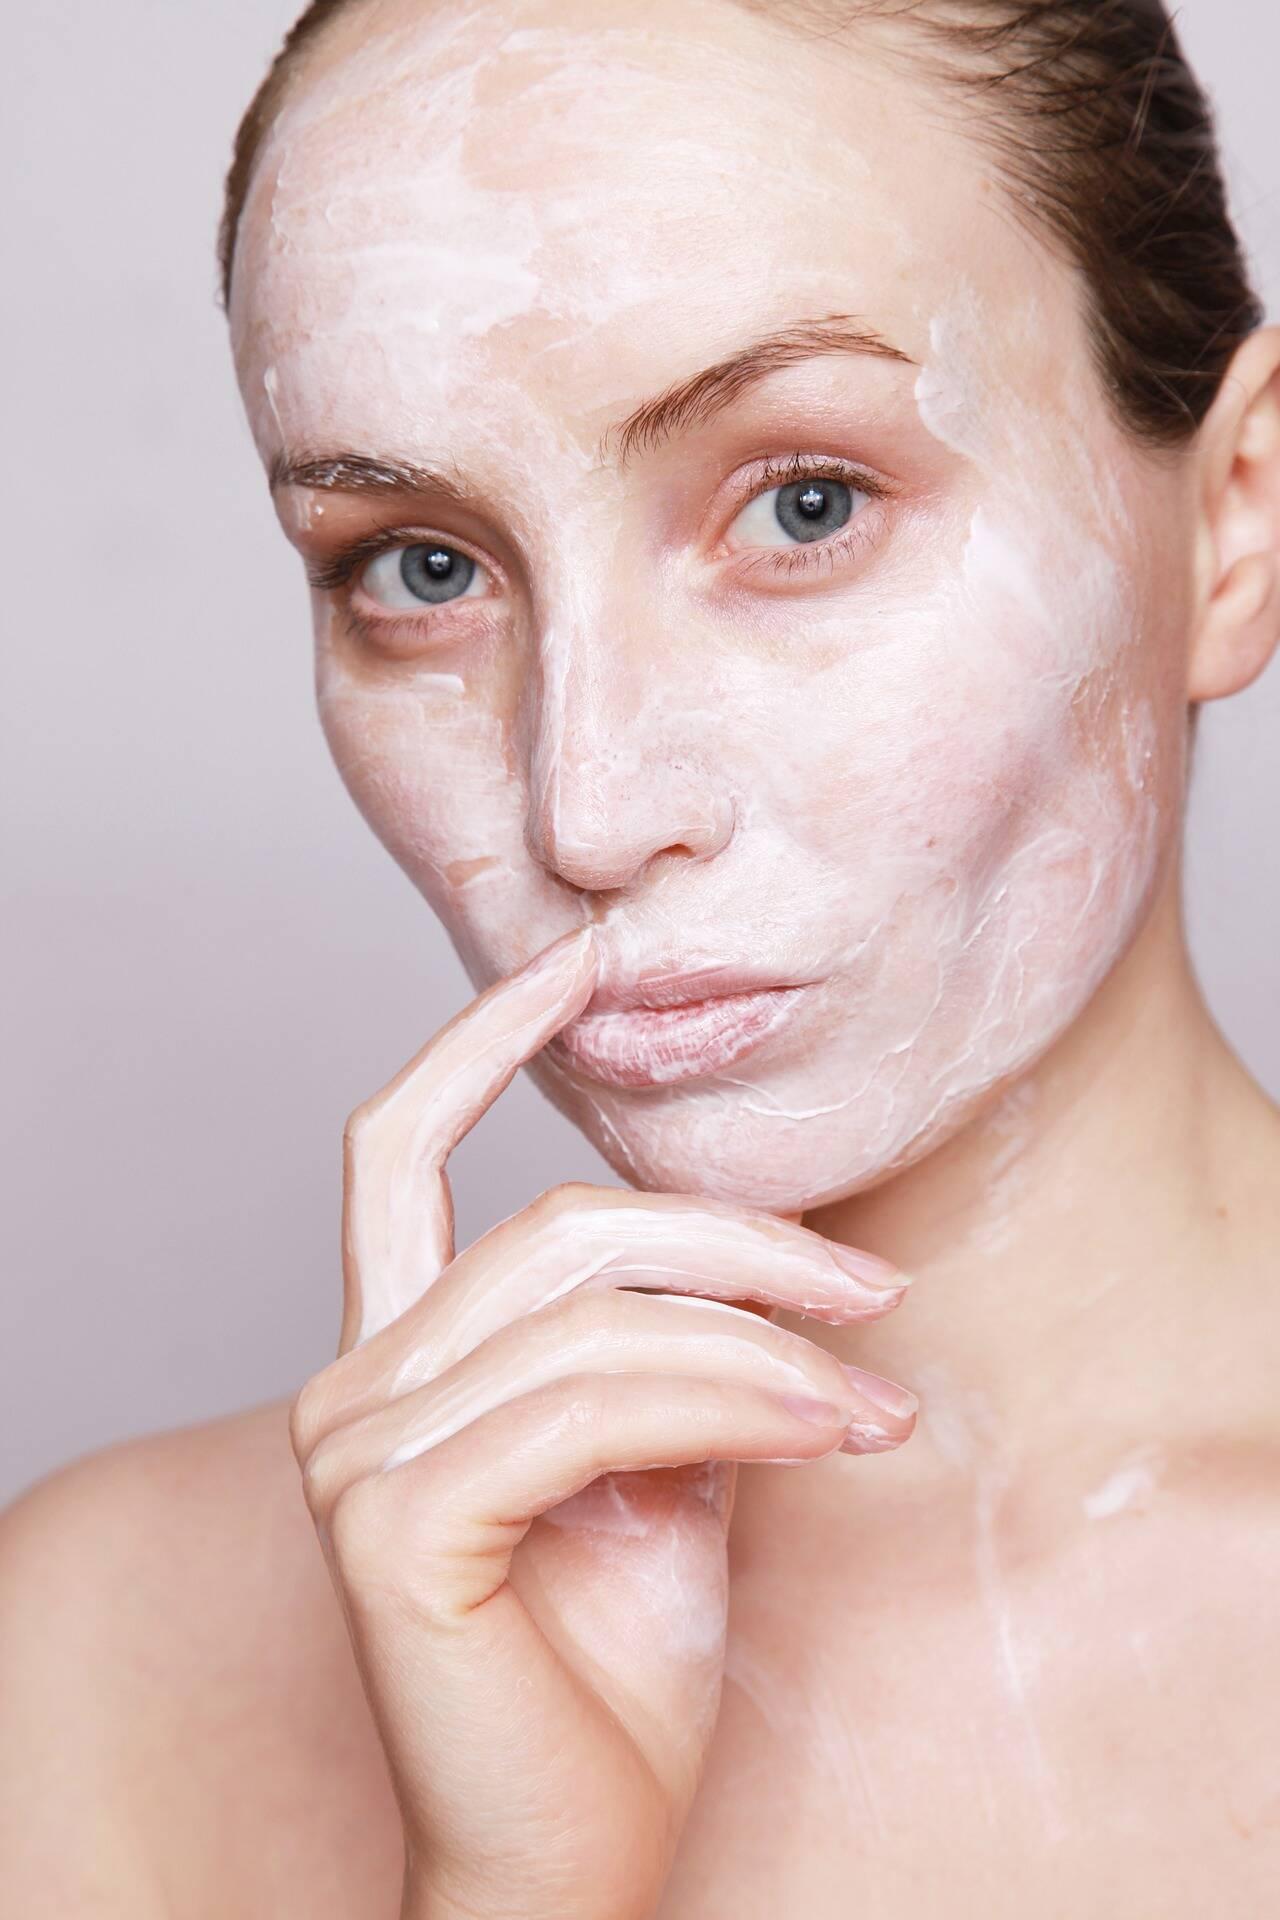 3. Máscara caseira para clarear e melhorar acne (Foto: Pexels)